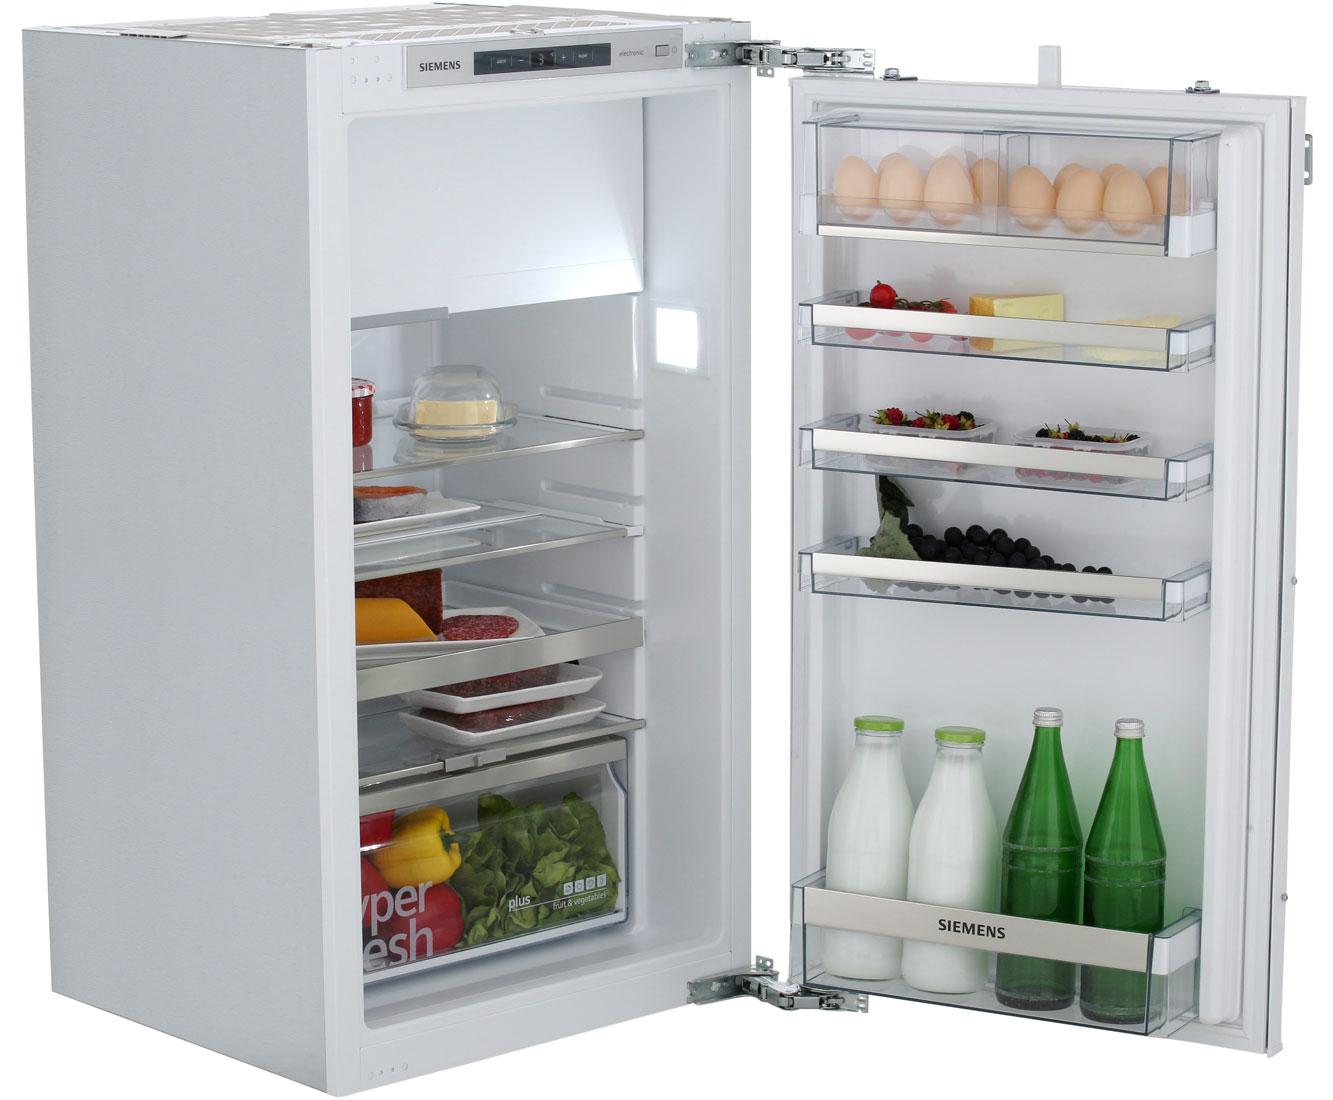 Kühlschrank Usa Retro : Kühlschrank klein mit gefrierfach neu stylischer retro mini